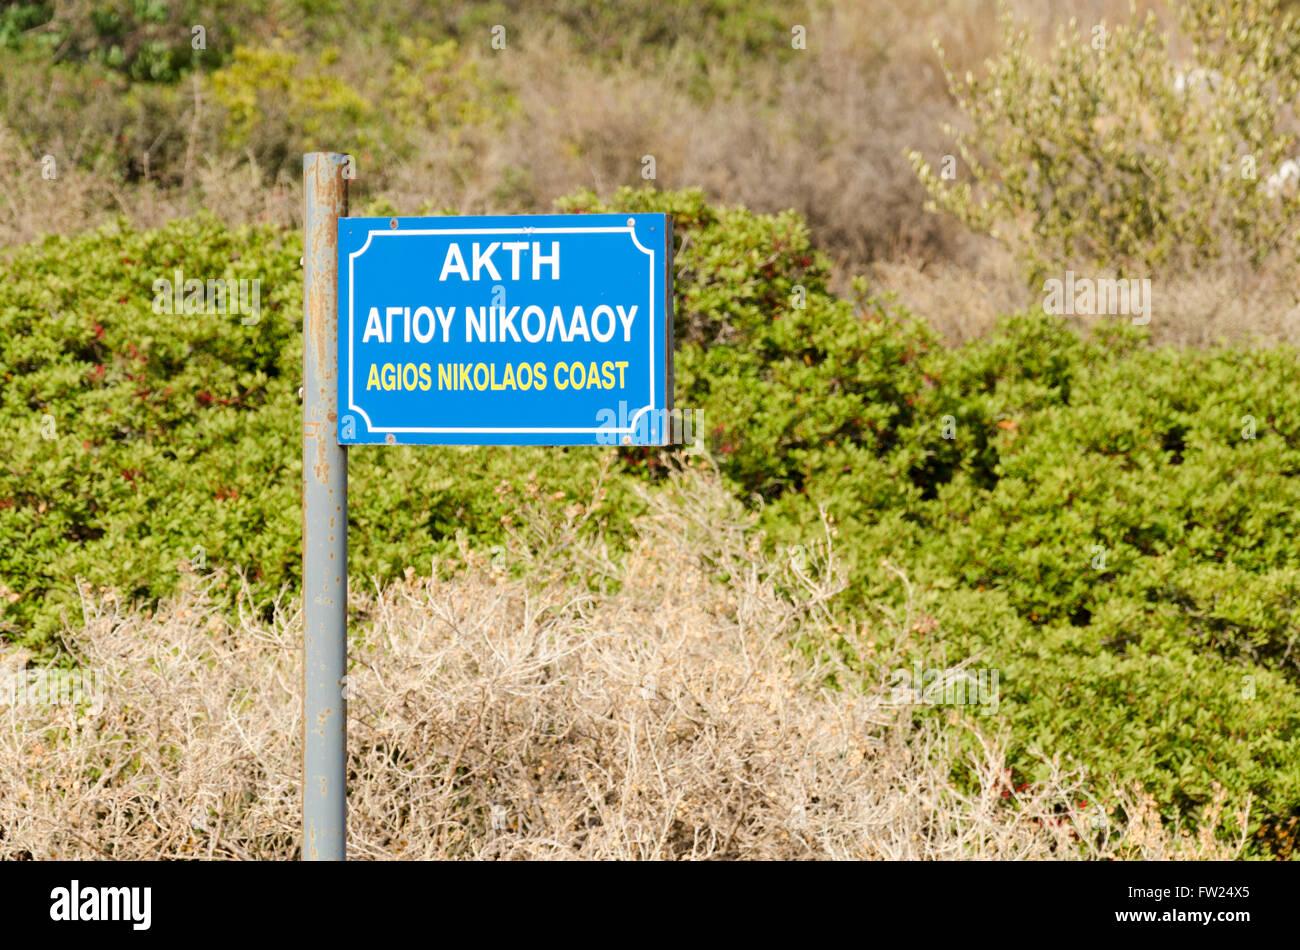 Signe de la Côte d'Agios Nikolaos, Crète, Grèce Banque D'Images